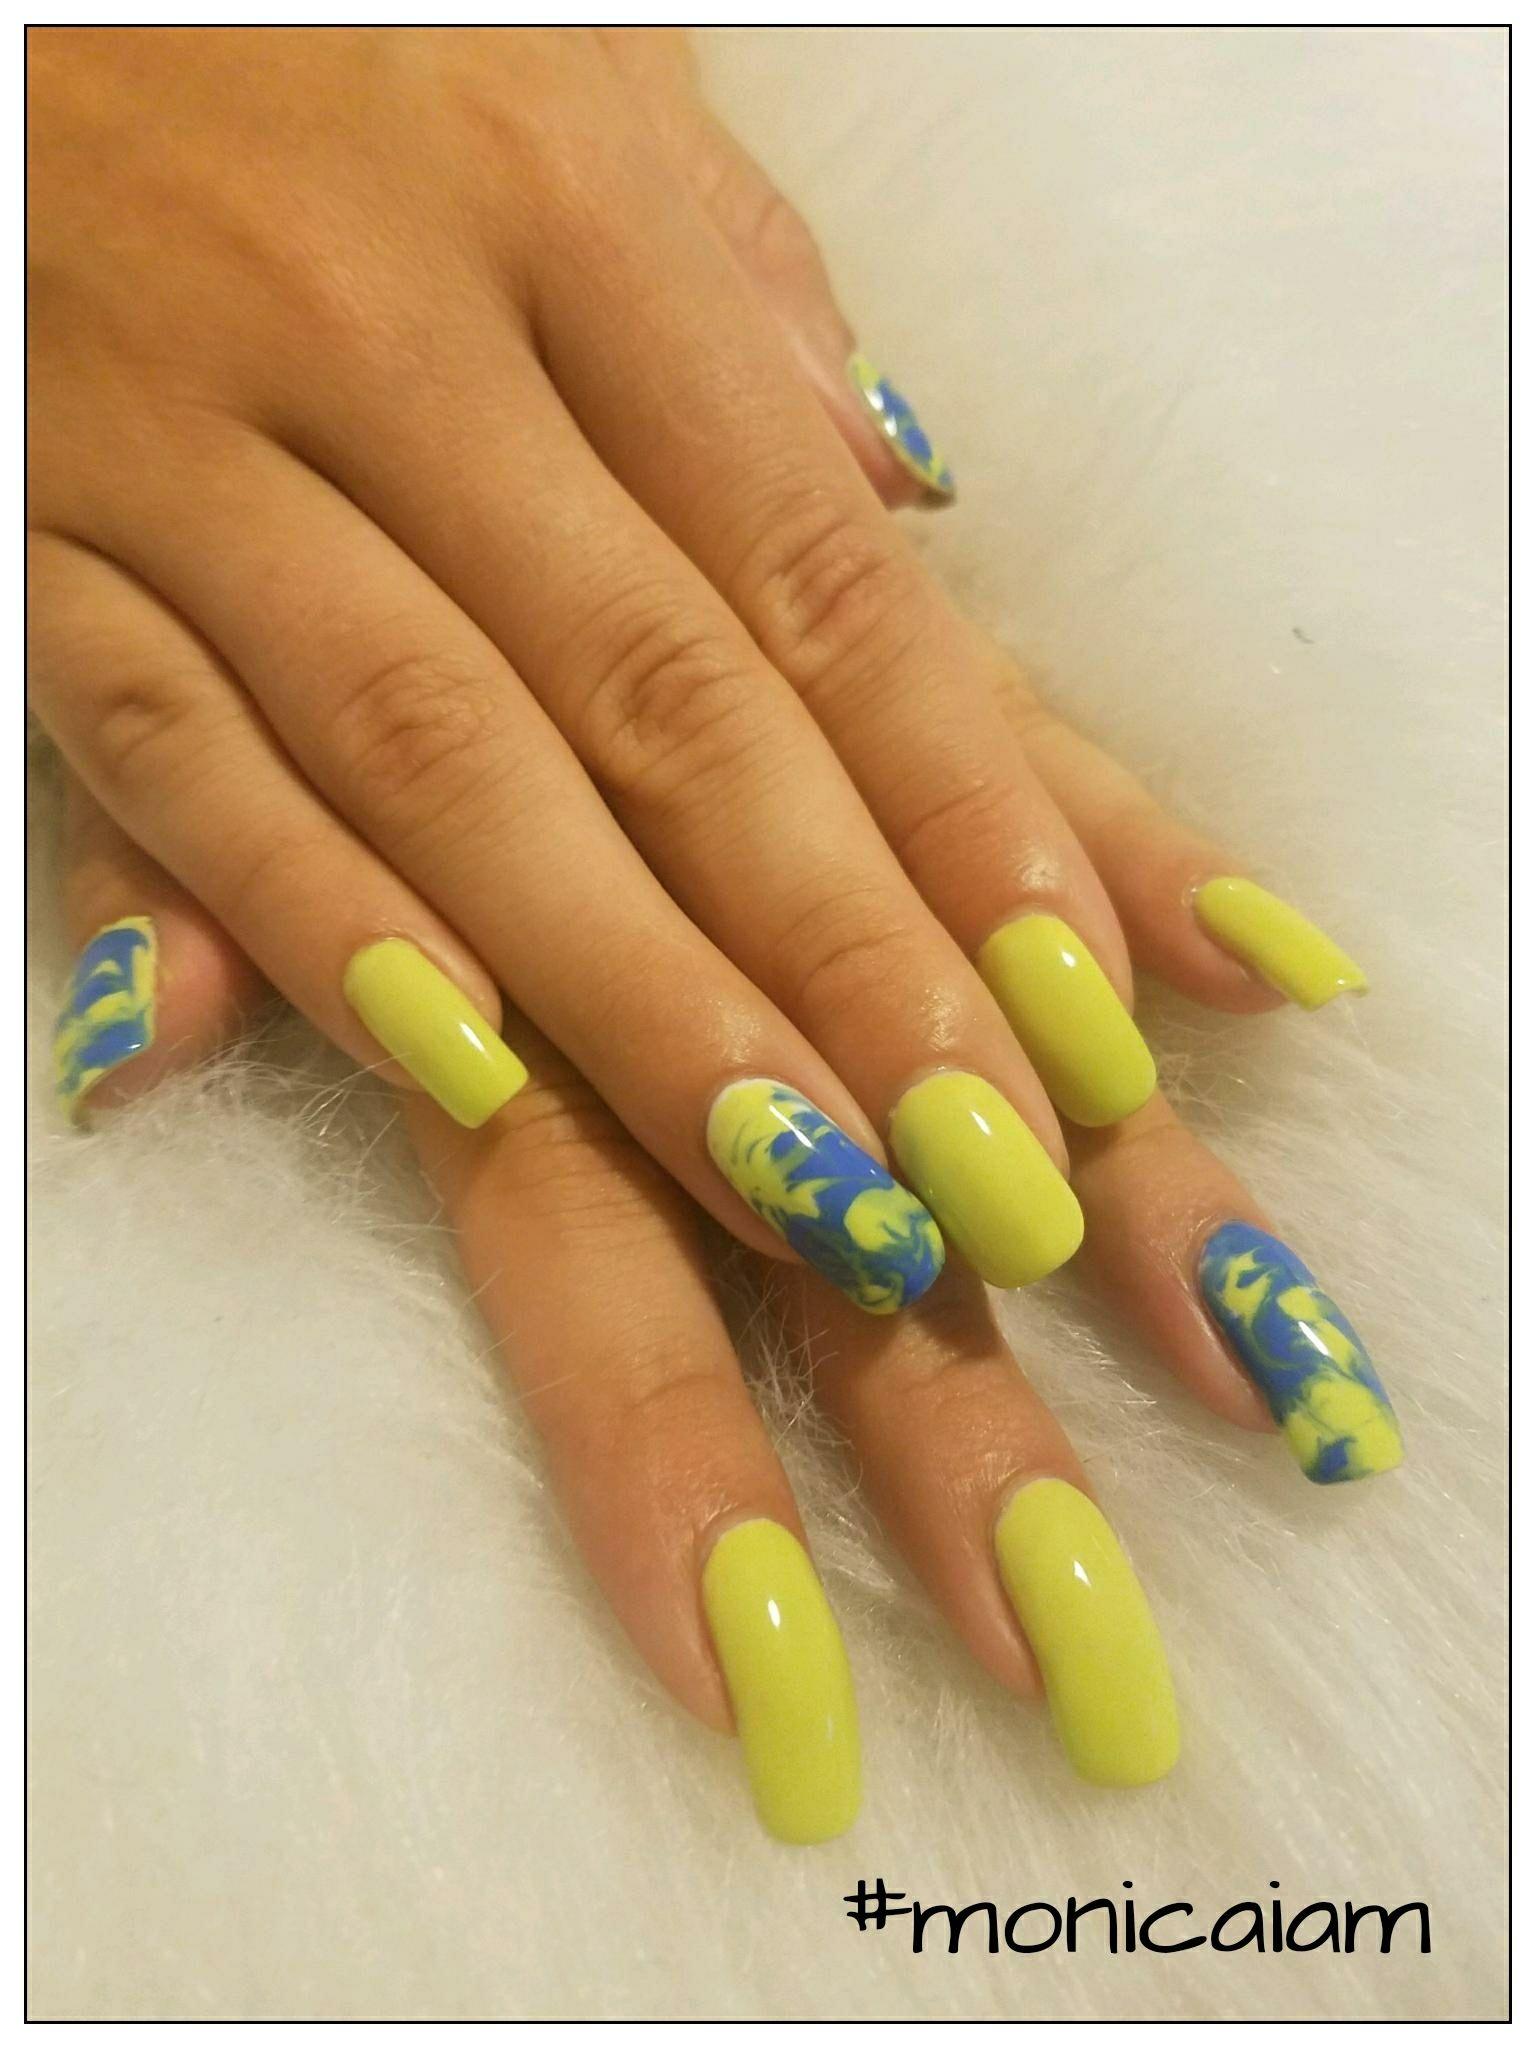 Nails by Monica - - - #iamsalonanddayspa #monicaiam #nailtech ...